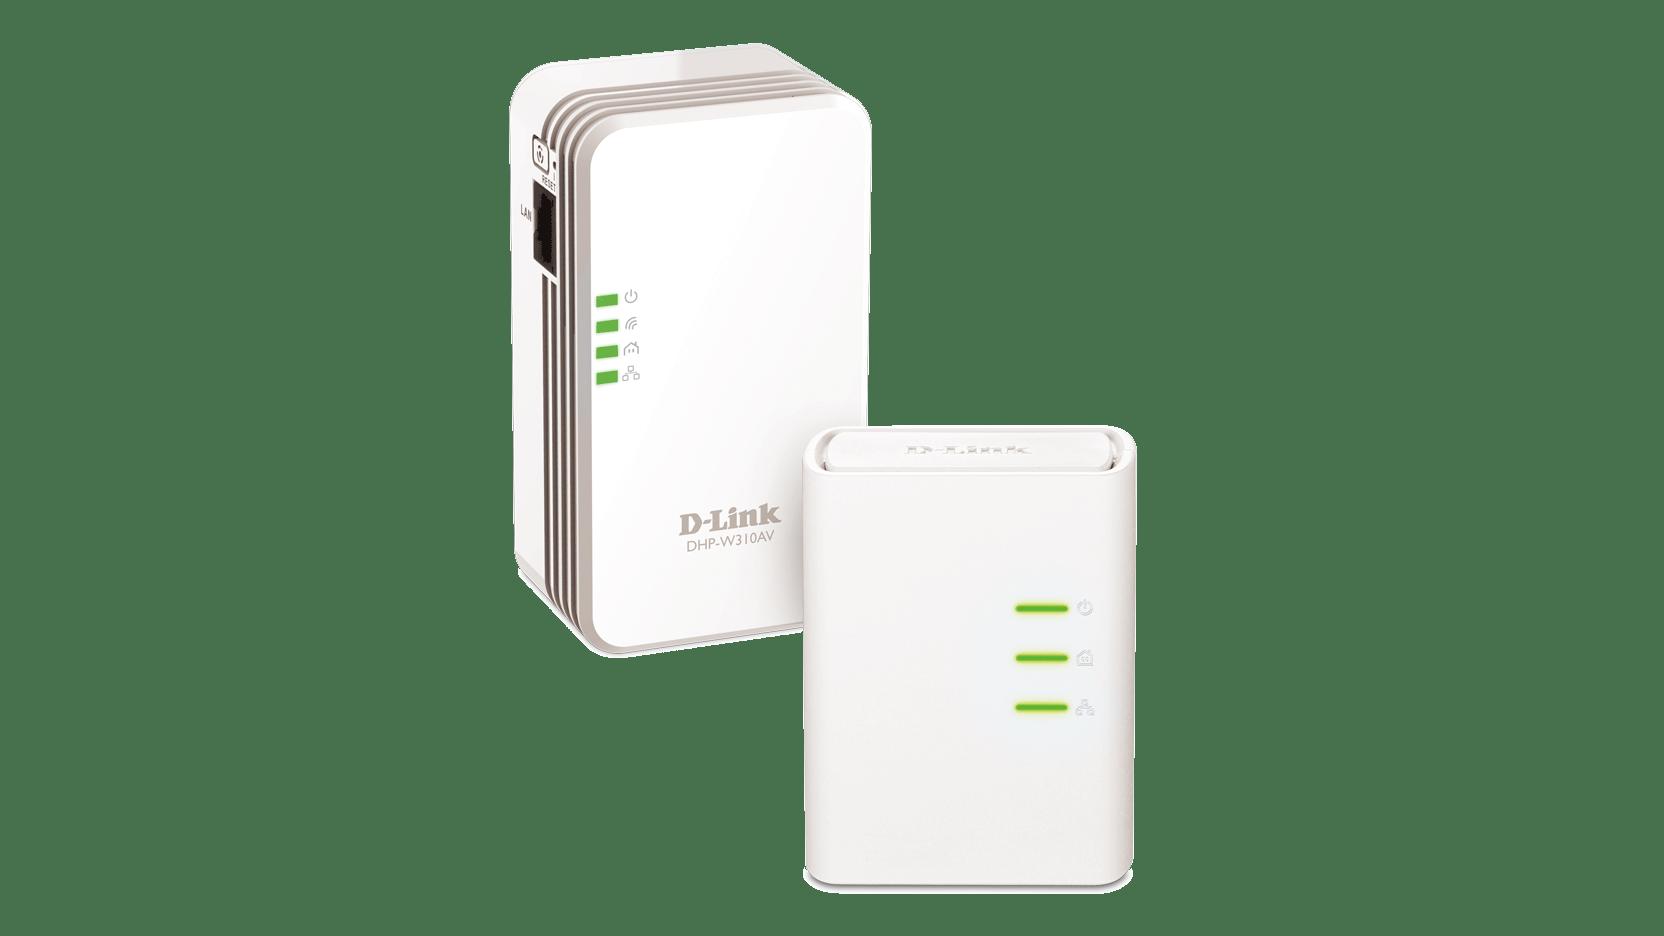 D Link Powerline Av Wireless Extender Kit